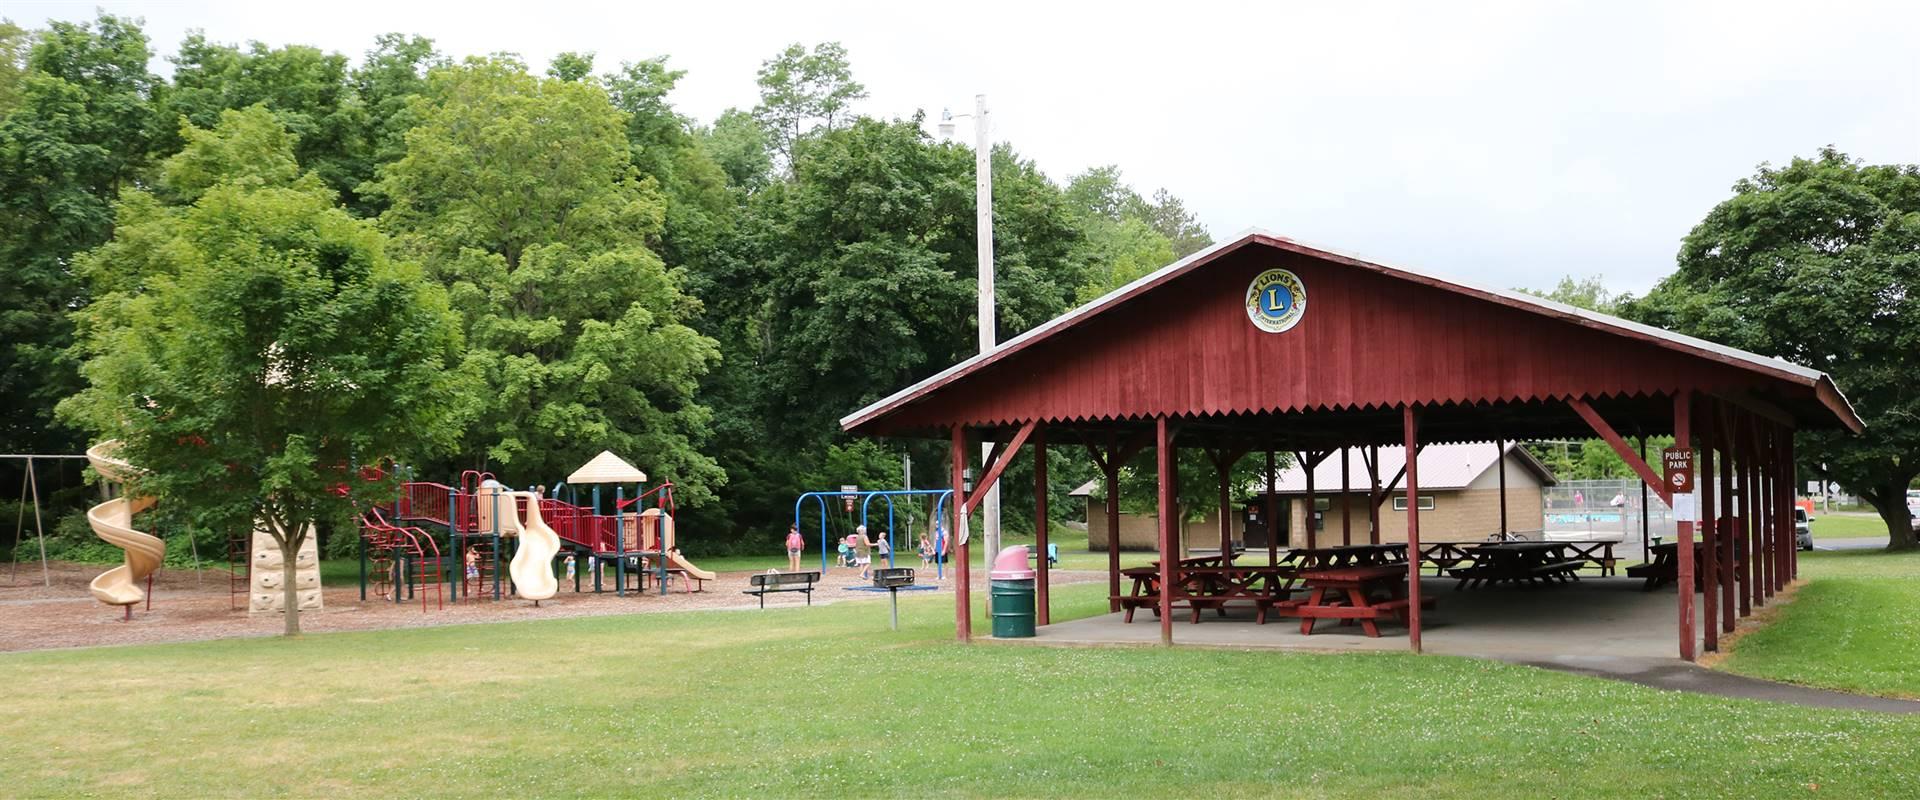 Paddleford Park